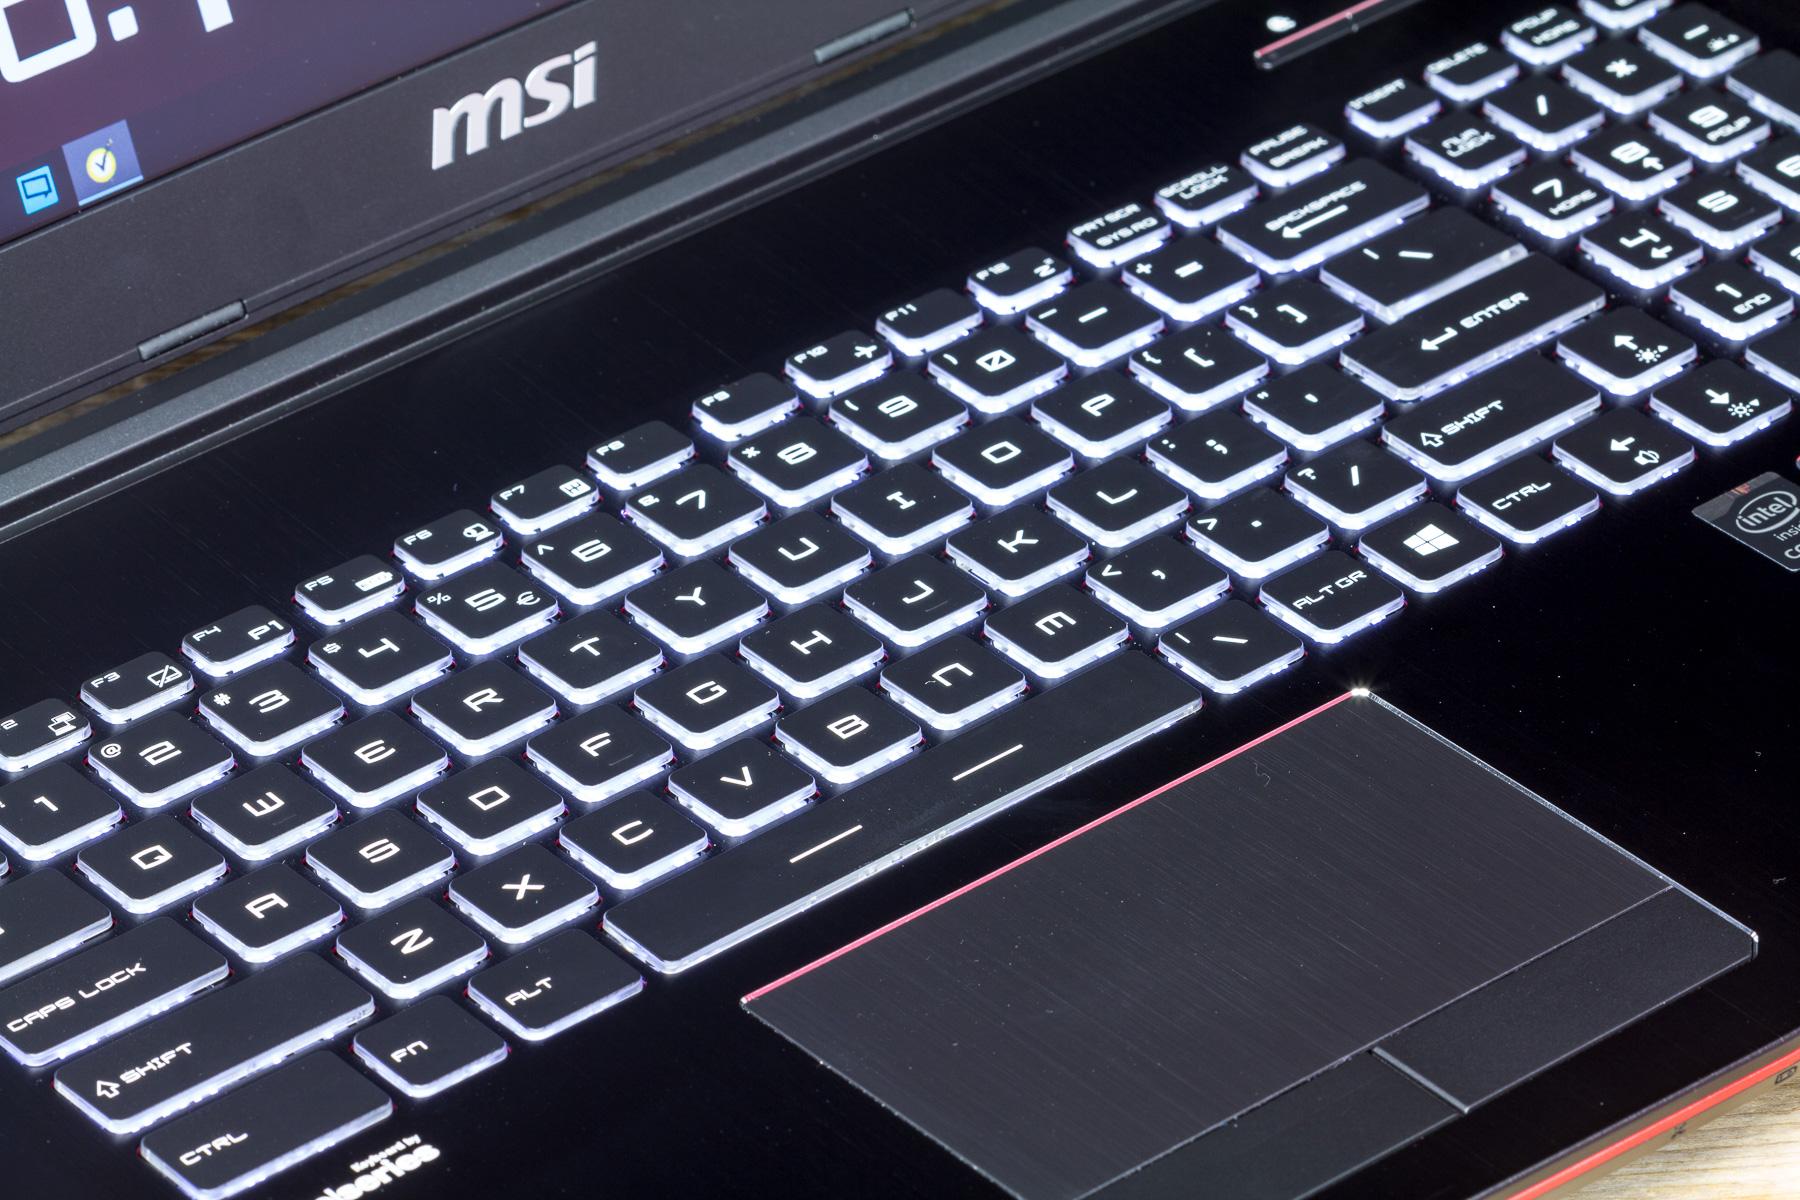 Msi ge62 2qc review uiterlijk en aansluitingen tweakers - Hoe een verf kleur voorbereiden ...